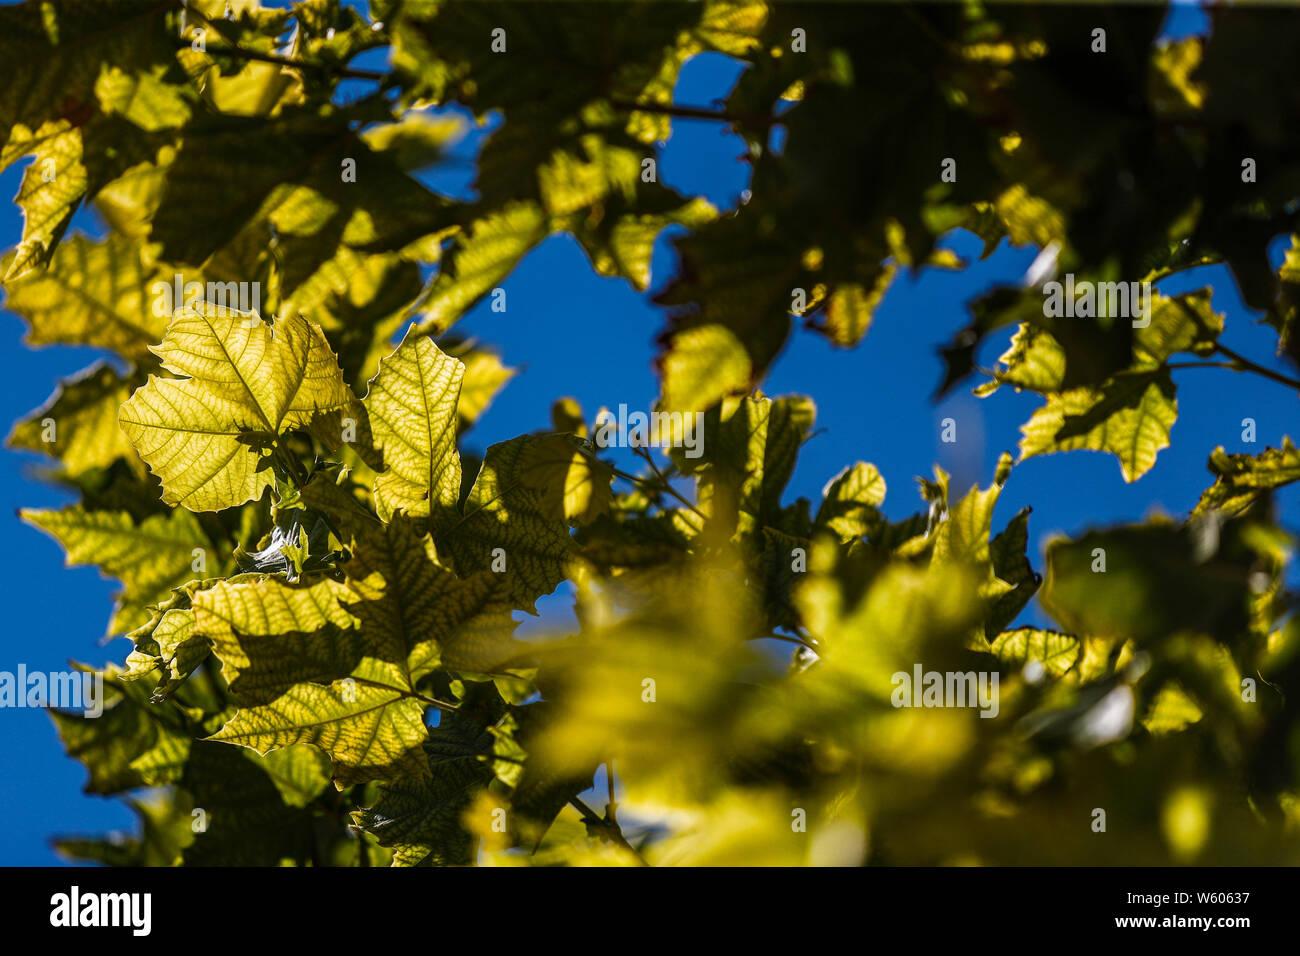 arbol y ramas del arbol Aliso, o Sicomoro de la especie es Platanus wrighti. Luz de dia. ree and branches of the tree Alder, or Sycamore of the species is Platanus wrighti. Daylight(Foto: LuisGutierrez/NortePhoto.com) Stock Photo